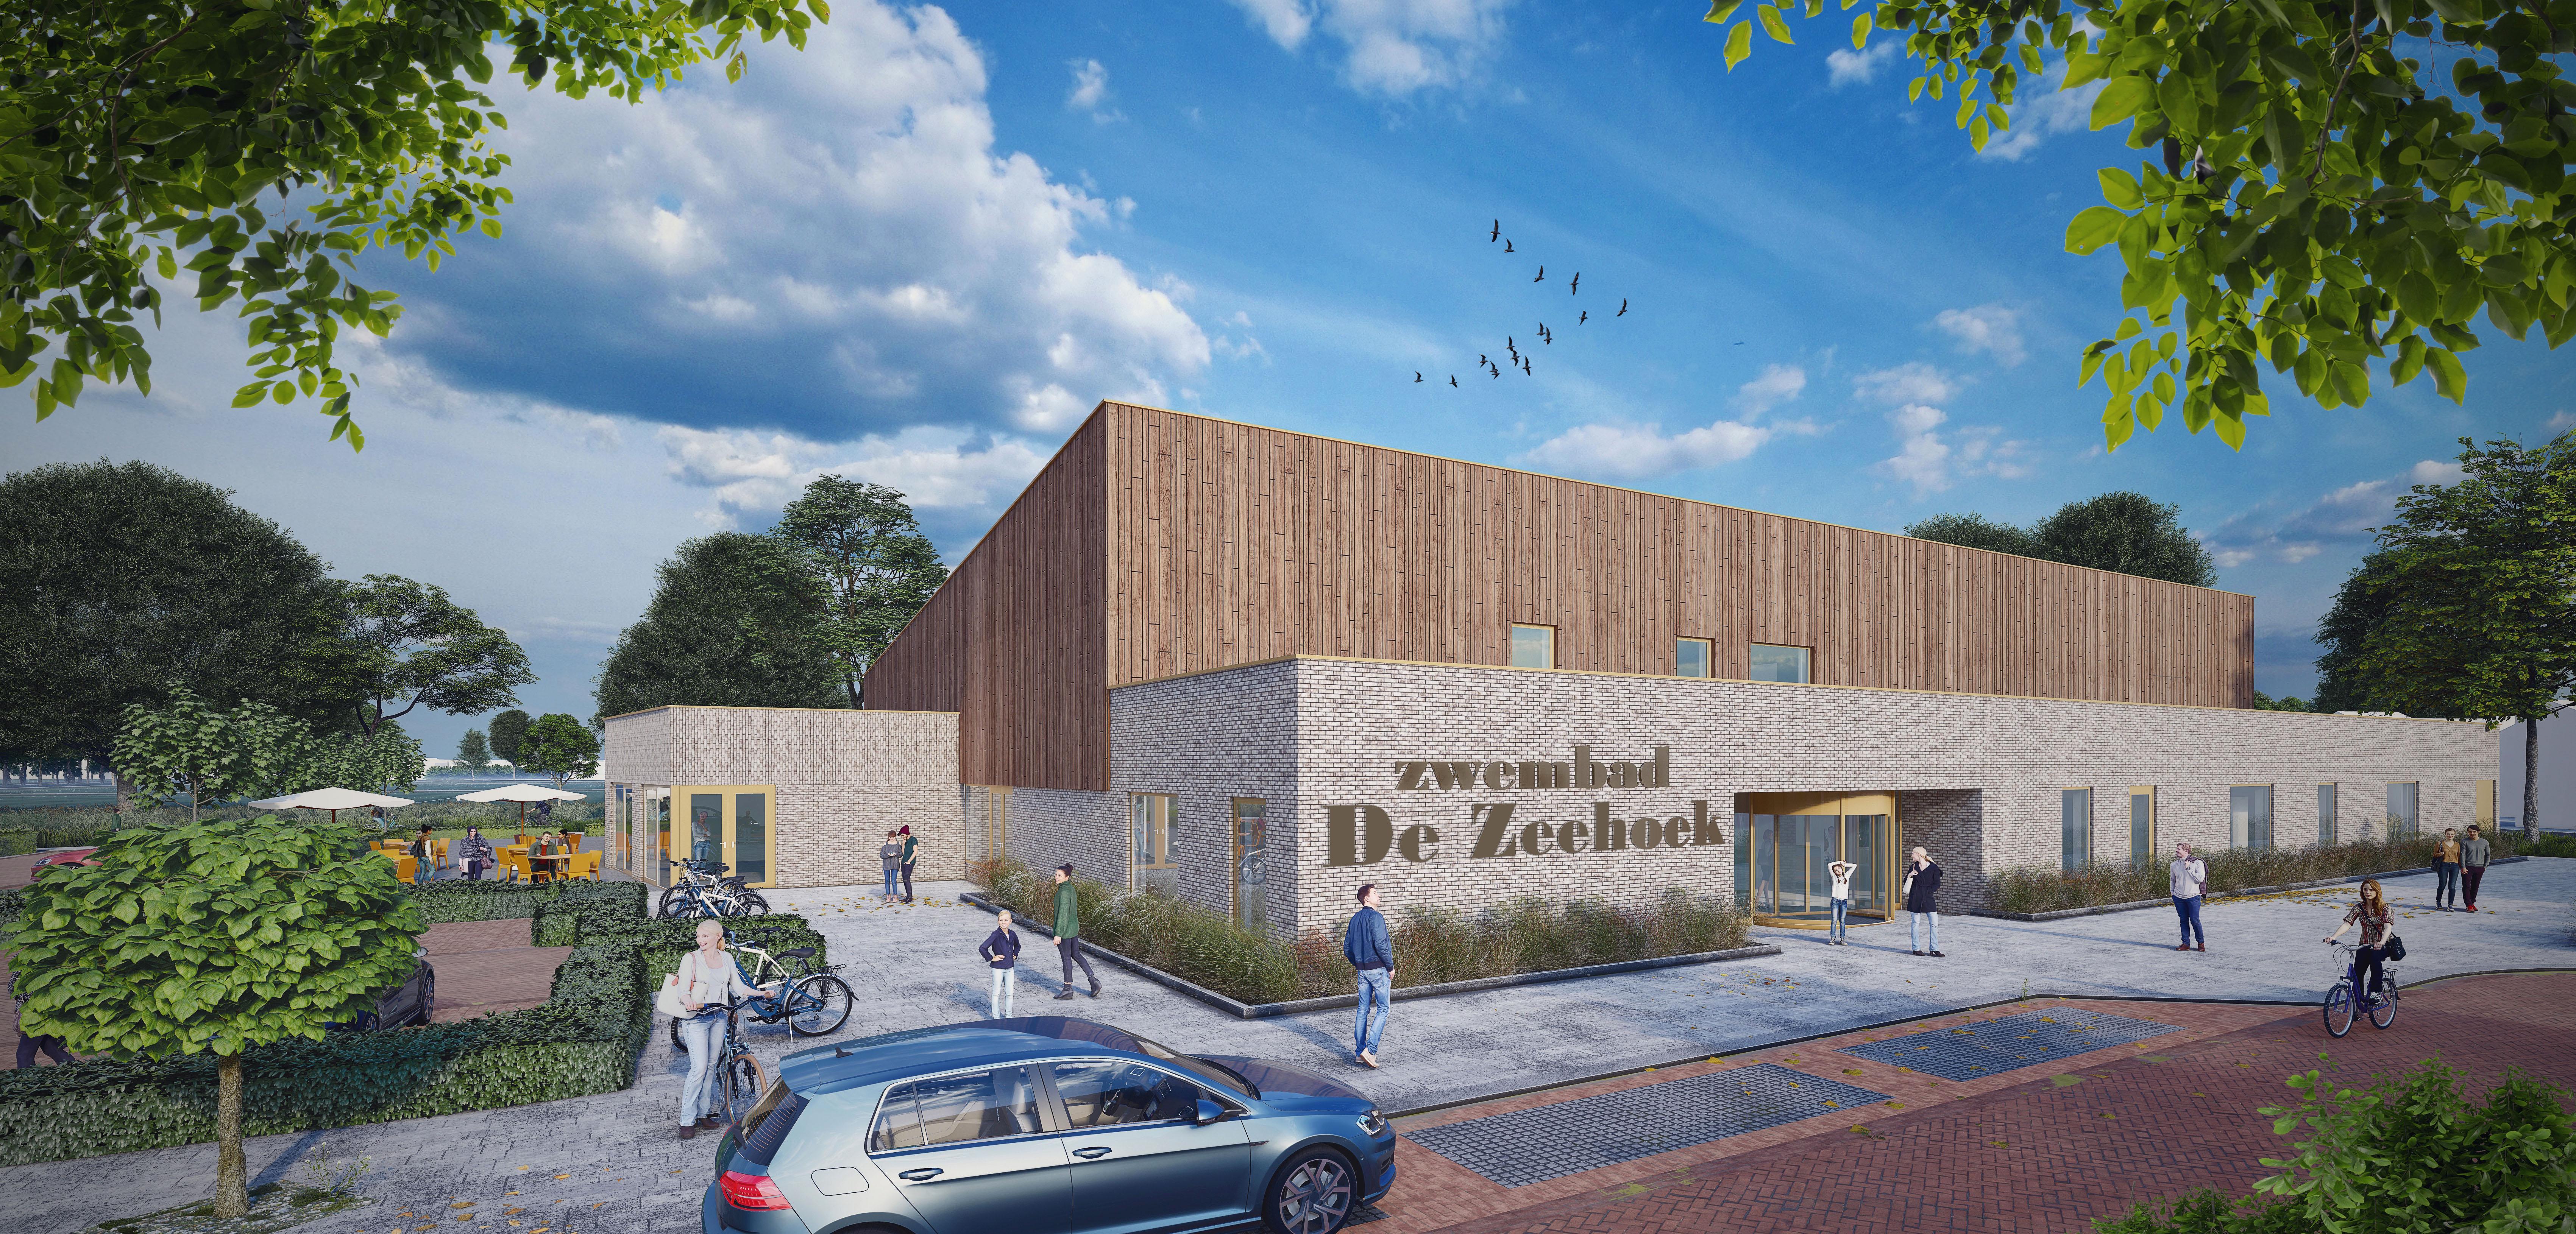 Een nieuw zwembad én 81 woningen. West-Friese bedrijven toveren toch weer een plan voor De Zeehoek in Wervershoof uit de hoge hoed. De kosten: 7,6 miljoen. 'Dorpsraad en bestuur zijn al akkoord'